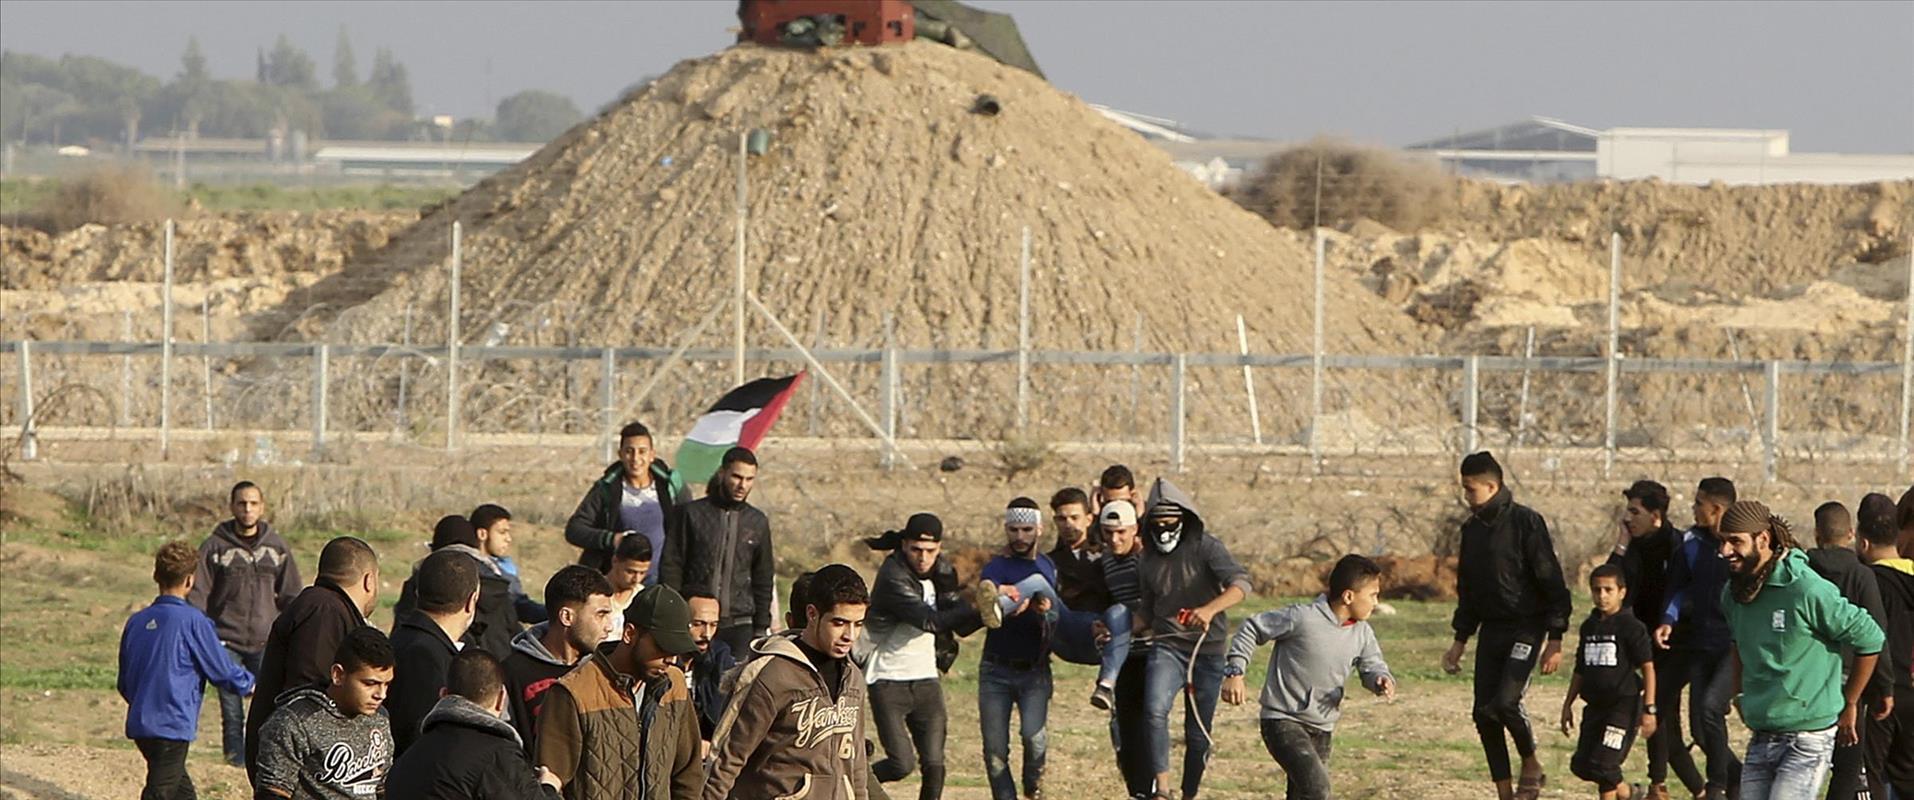 הפגנות אלימות בגבול עזה